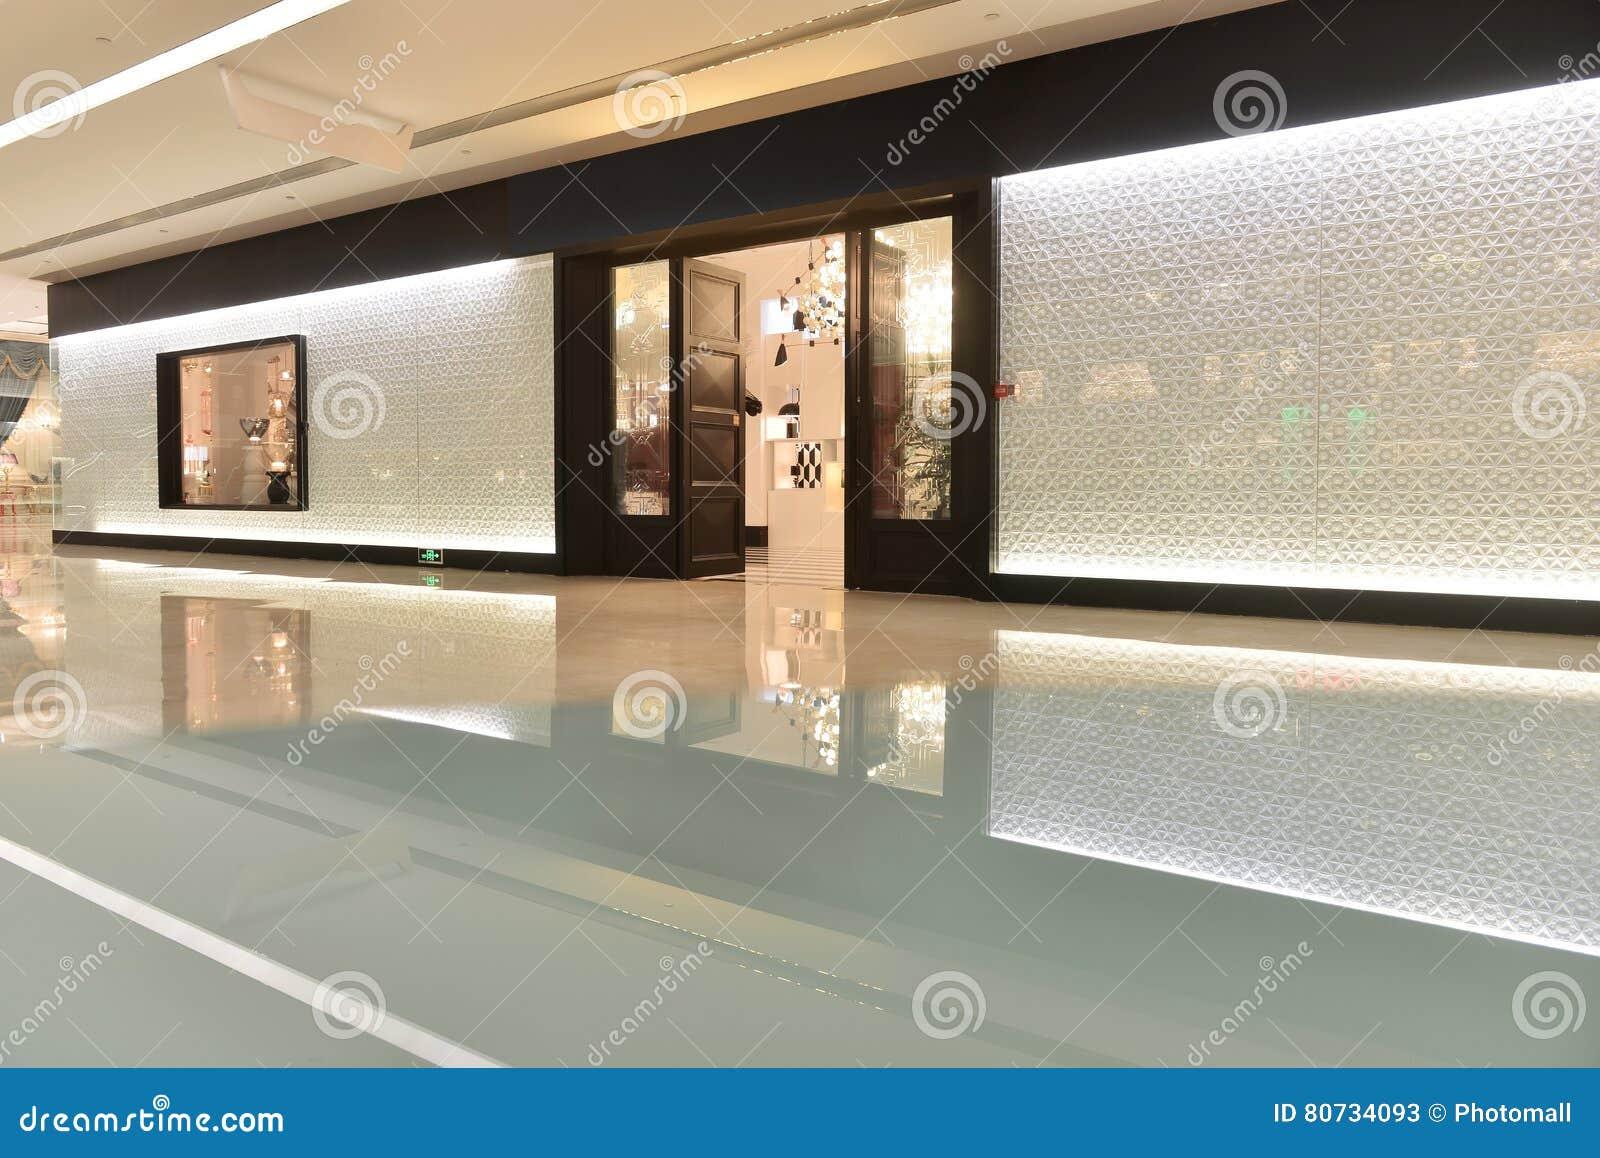 Beleuchtung Shop | Durchgang Und Beleuchtungsshop Im Handelsgebaude Stockbild Bild